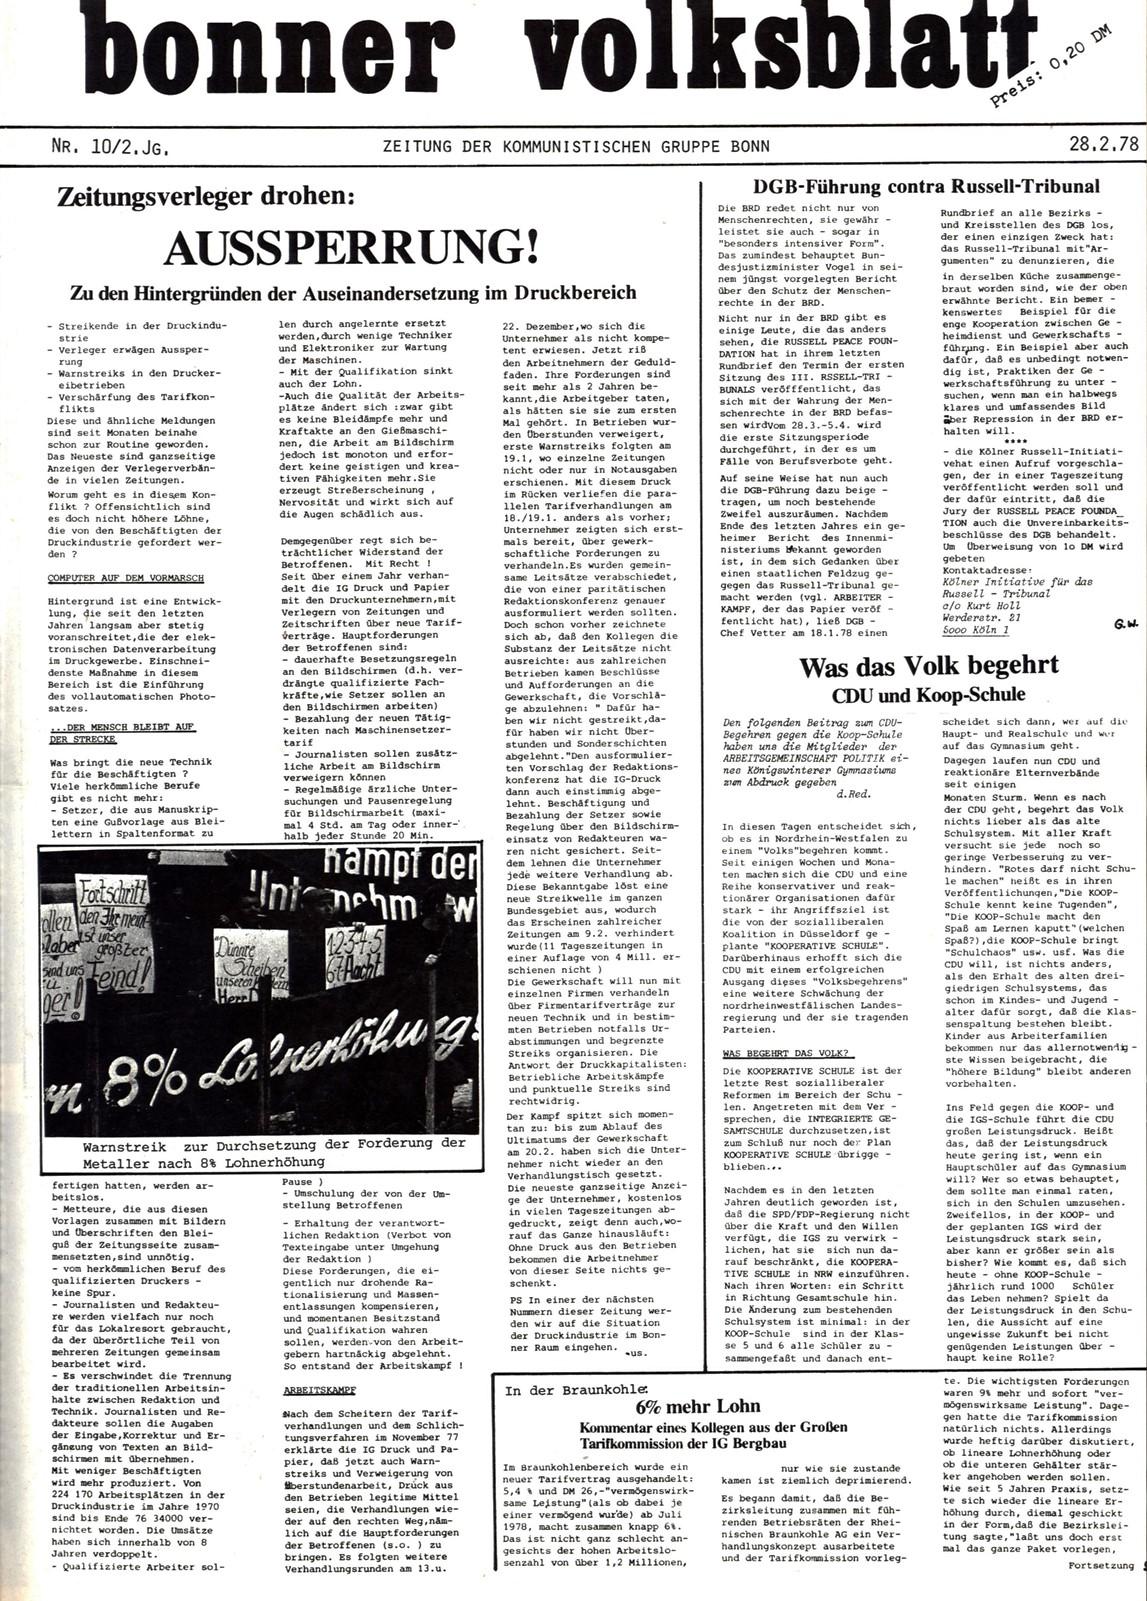 Bonner_Volksblatt_10_19780228_01